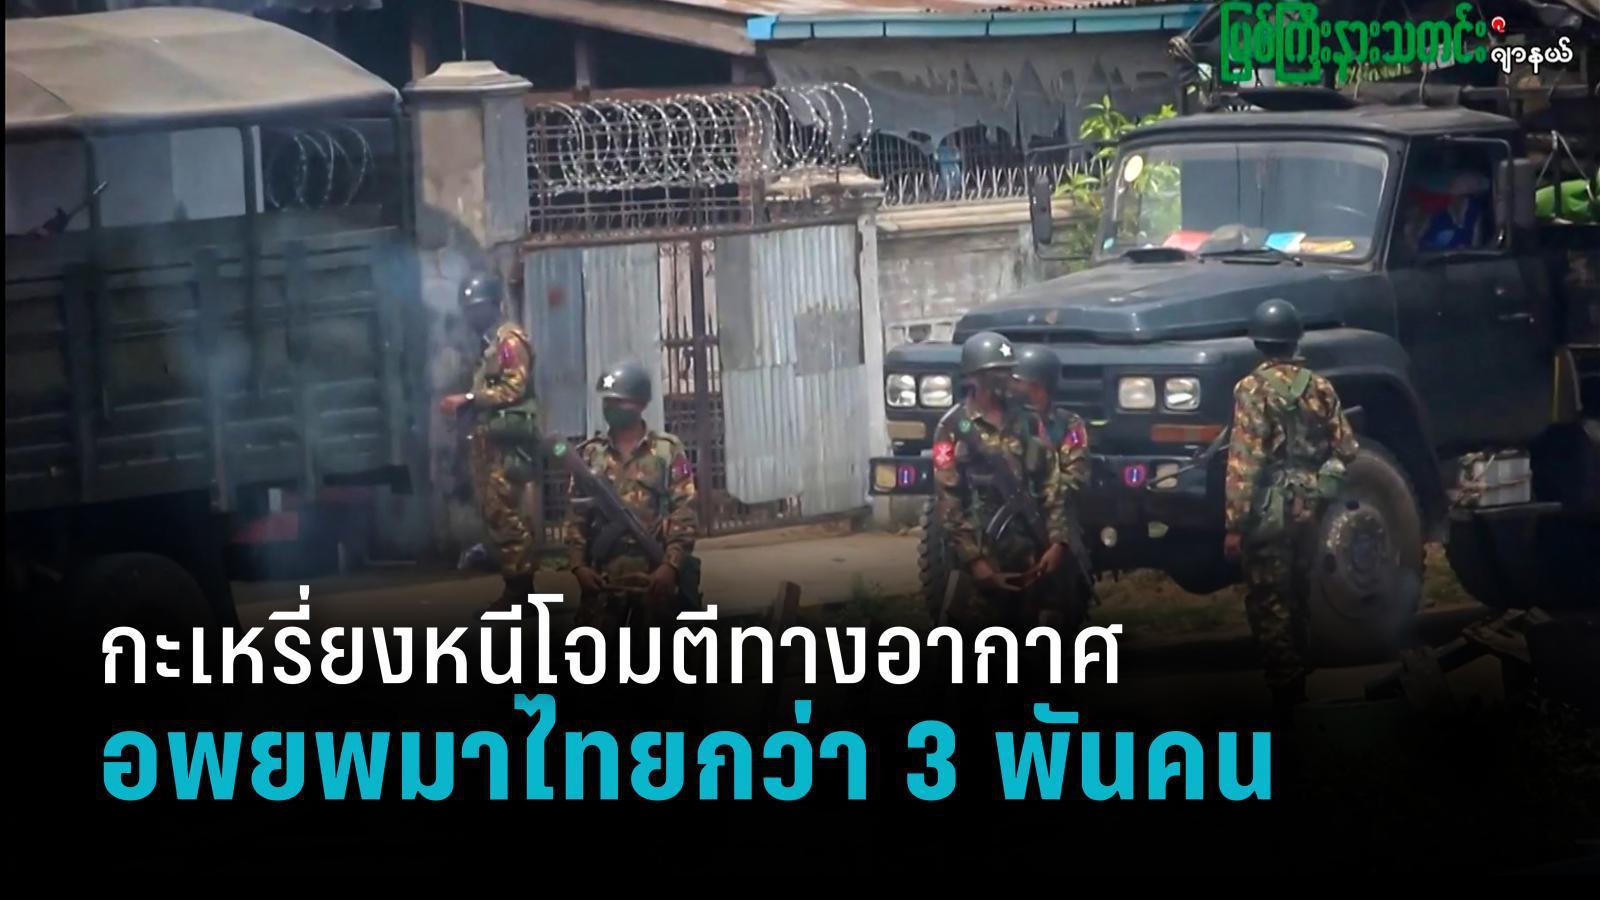 ภาพกะเหรี่ยงเมียนมาอพยพเข้าไทยกว่า 3,000 คนหนีการโจมตีจากกองทัพ